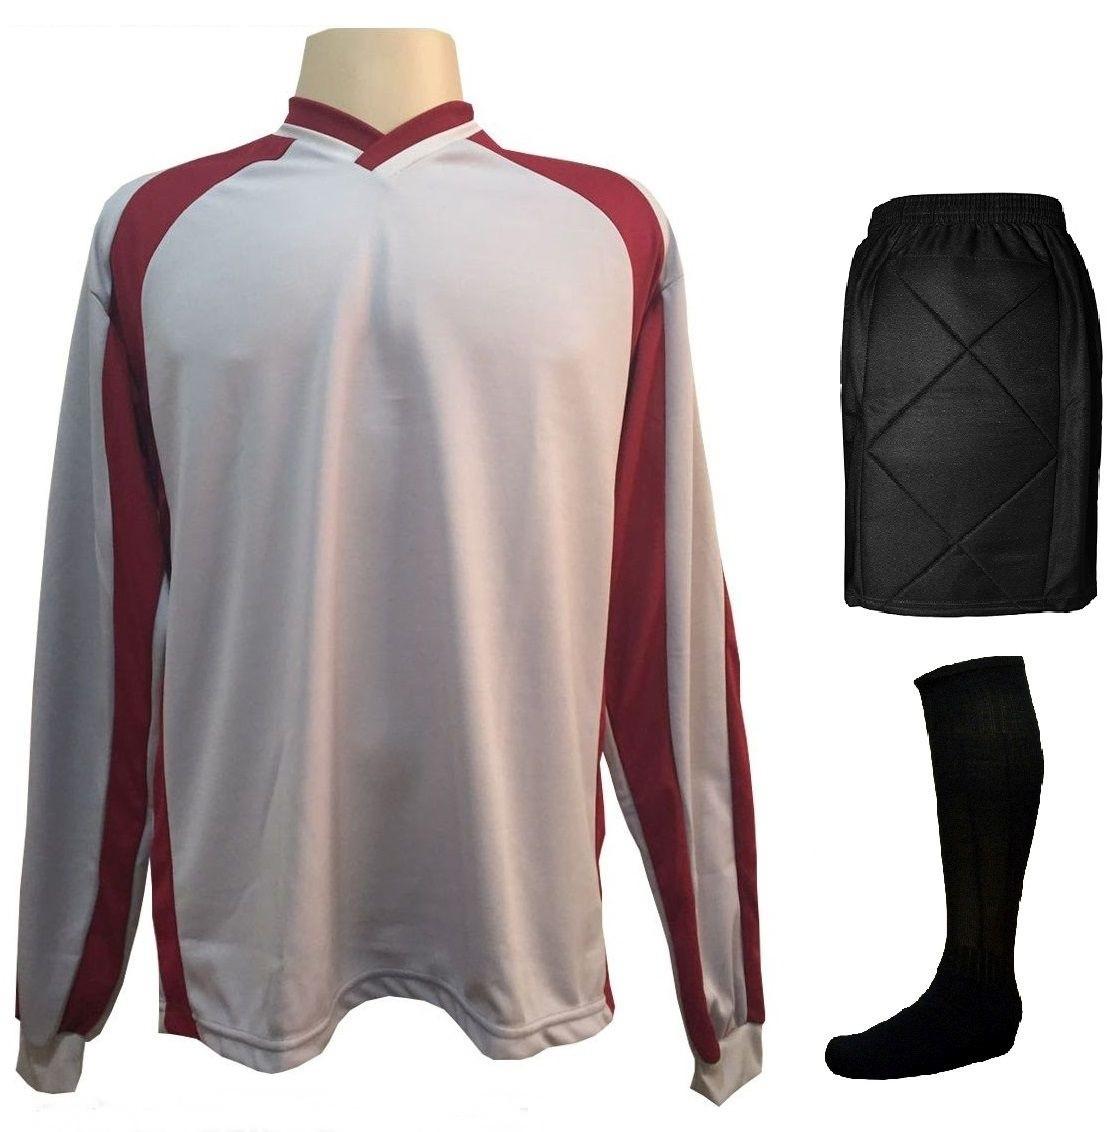 Uniforme Esportivo Completo modelo Sporting 14+1 (14 camisas Celeste/Branco/Preto + 14 calções Madrid Branco + 14 pares de meiões Pretos + 1 conjunto de goleiro) + Brindes